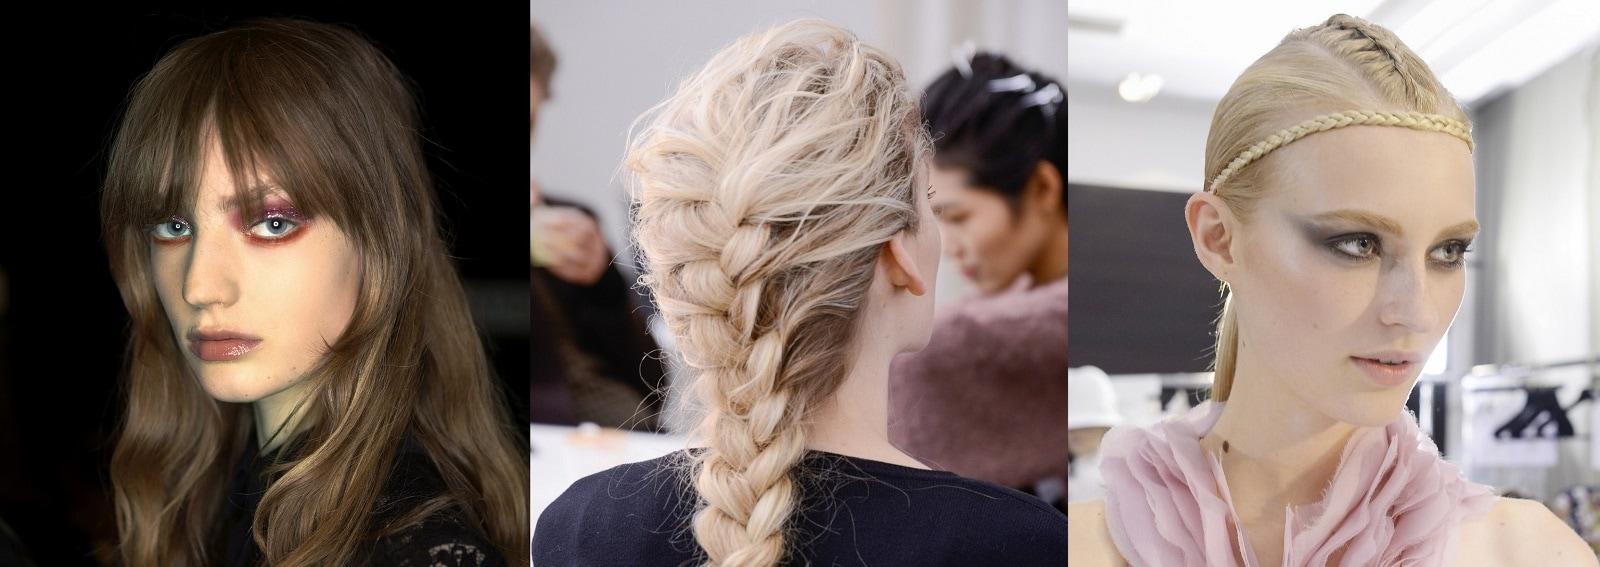 cover-tagli-di-capelli-e-acconciature-parigi-ai-2016-desktop